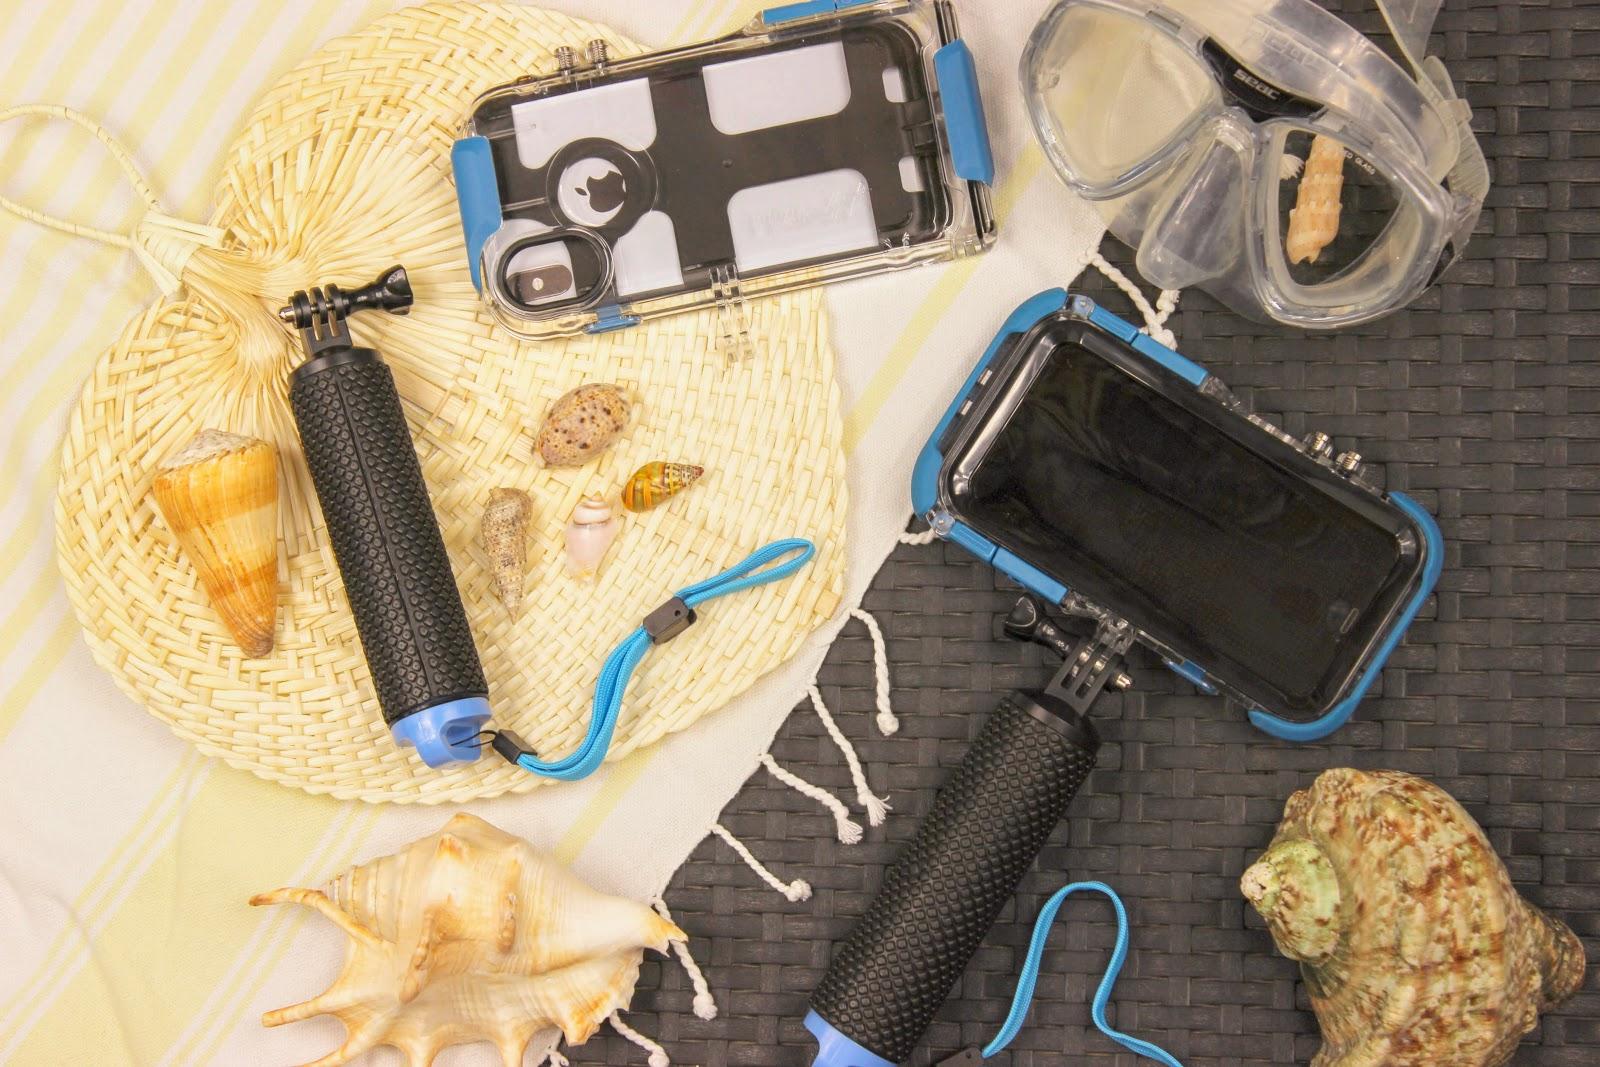 proshotcase, coque iphone pour aller sous l'eau, les petites bulles de ma vie